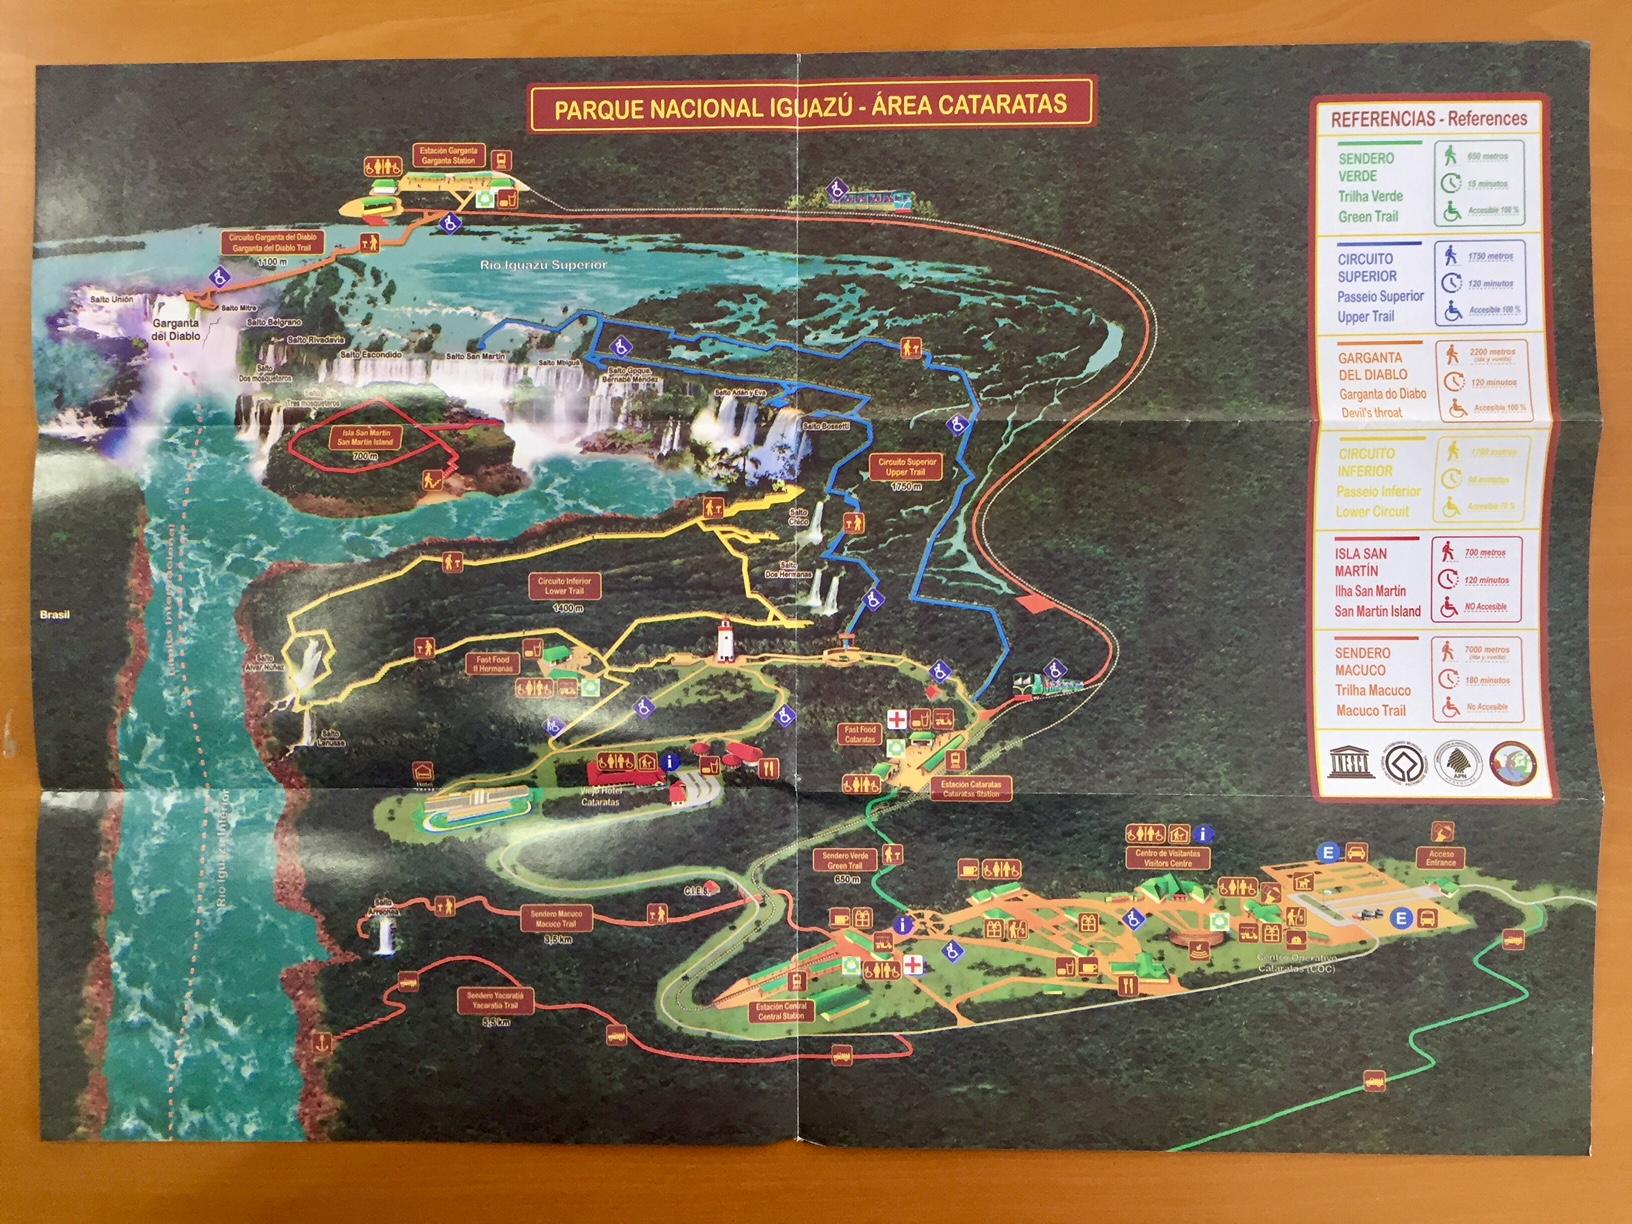 Mapa de las Cataratas de Iguazú (Argentina)